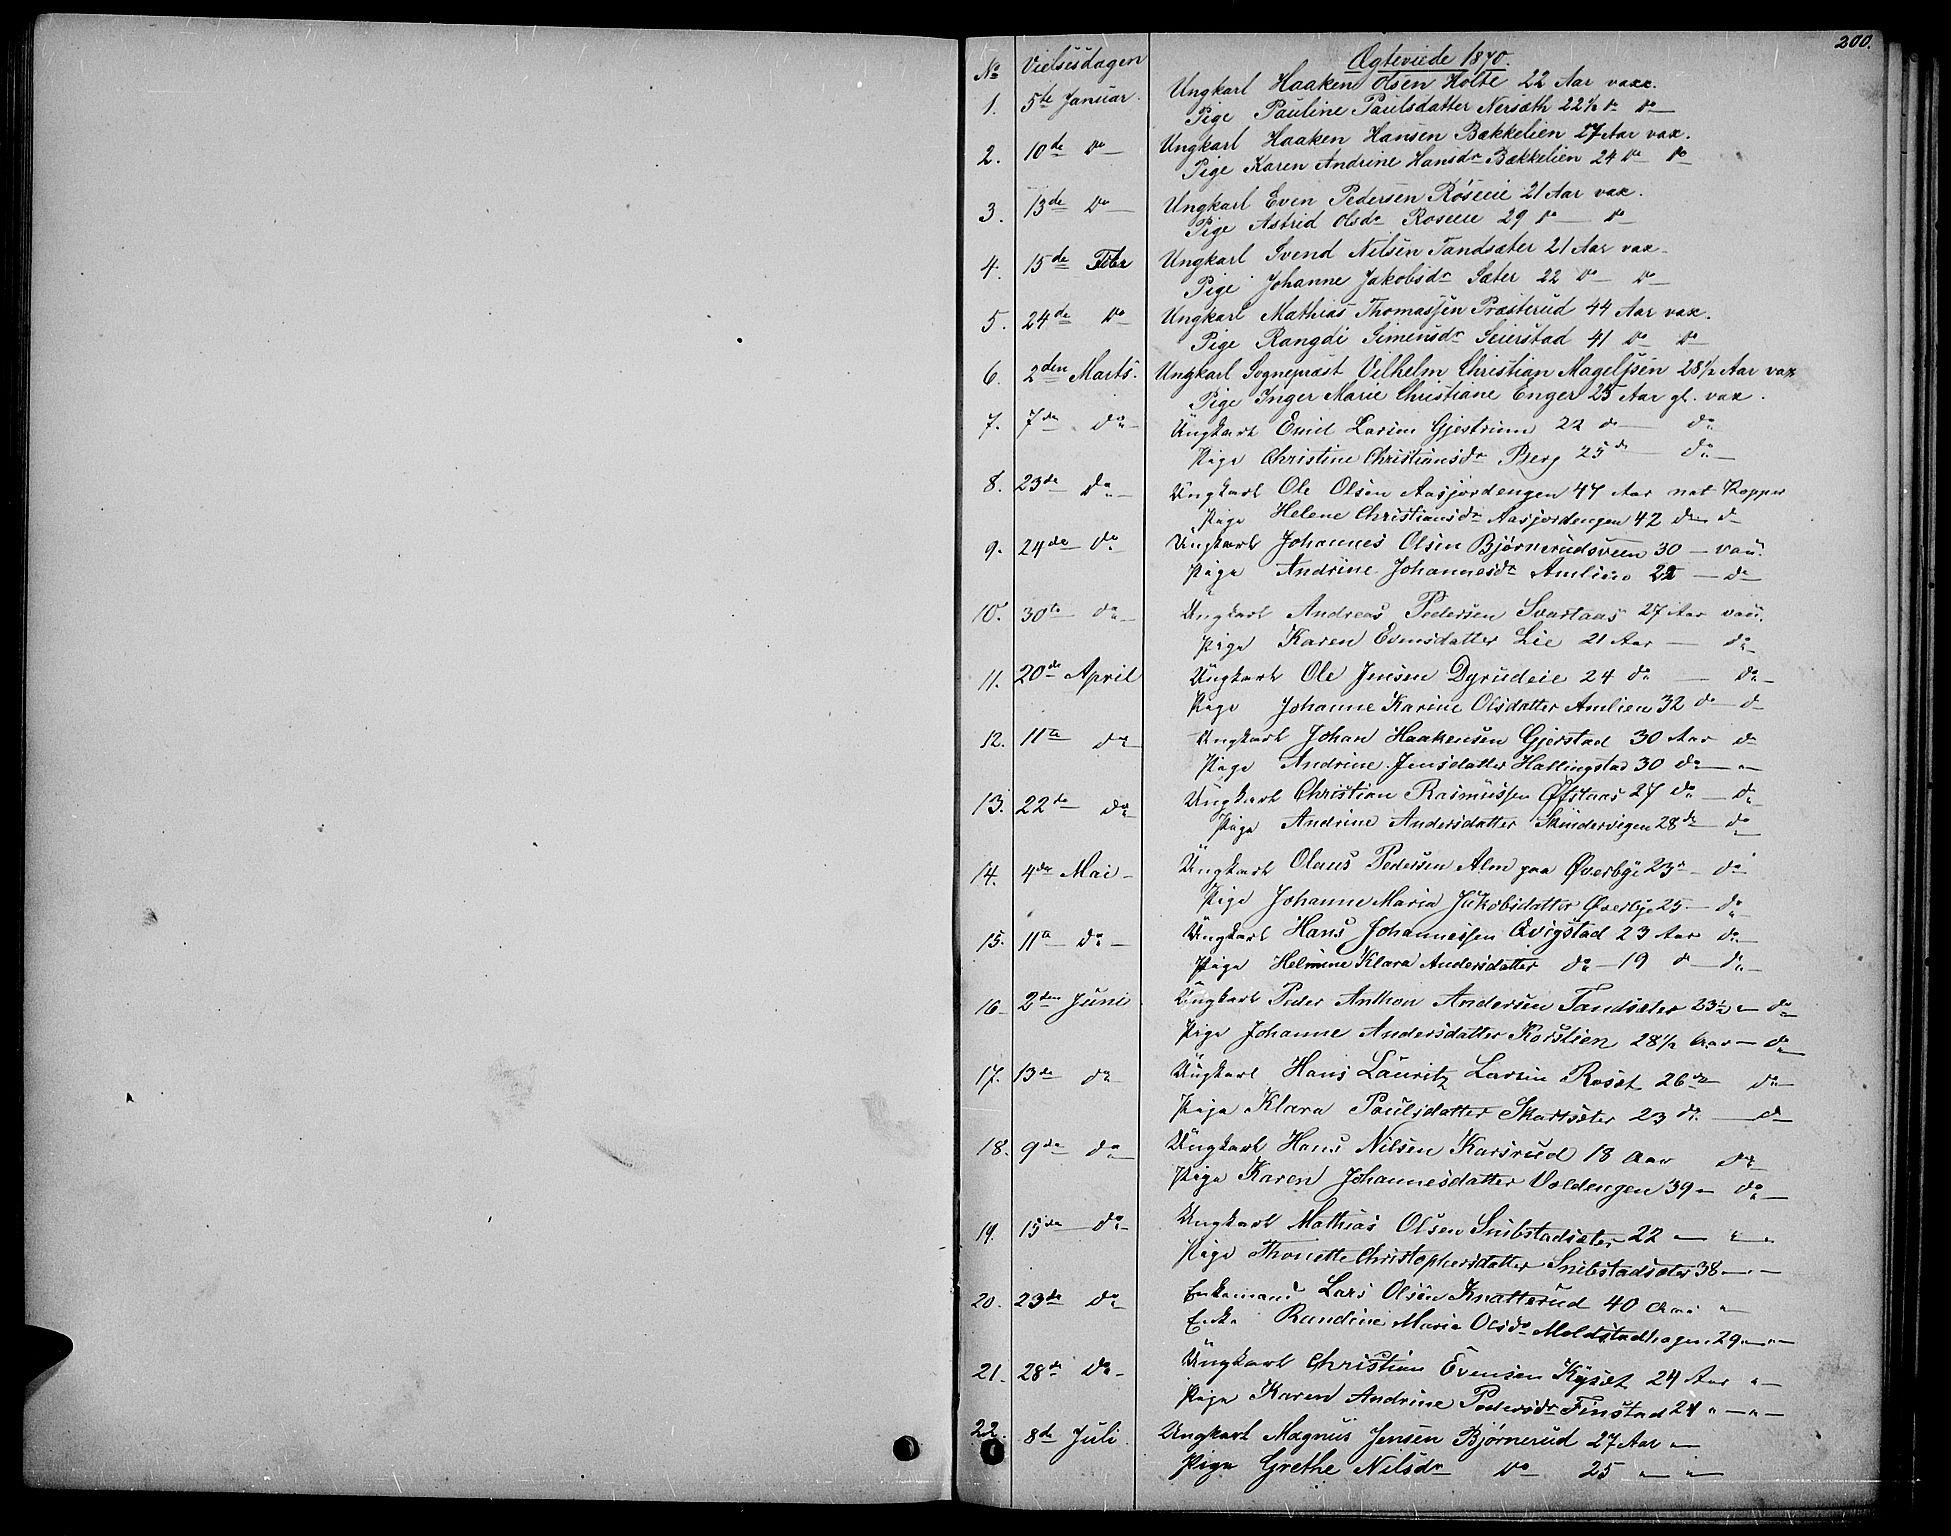 SAH, Vestre Toten prestekontor, H/Ha/Hab/L0006: Klokkerbok nr. 6, 1870-1887, s. 200